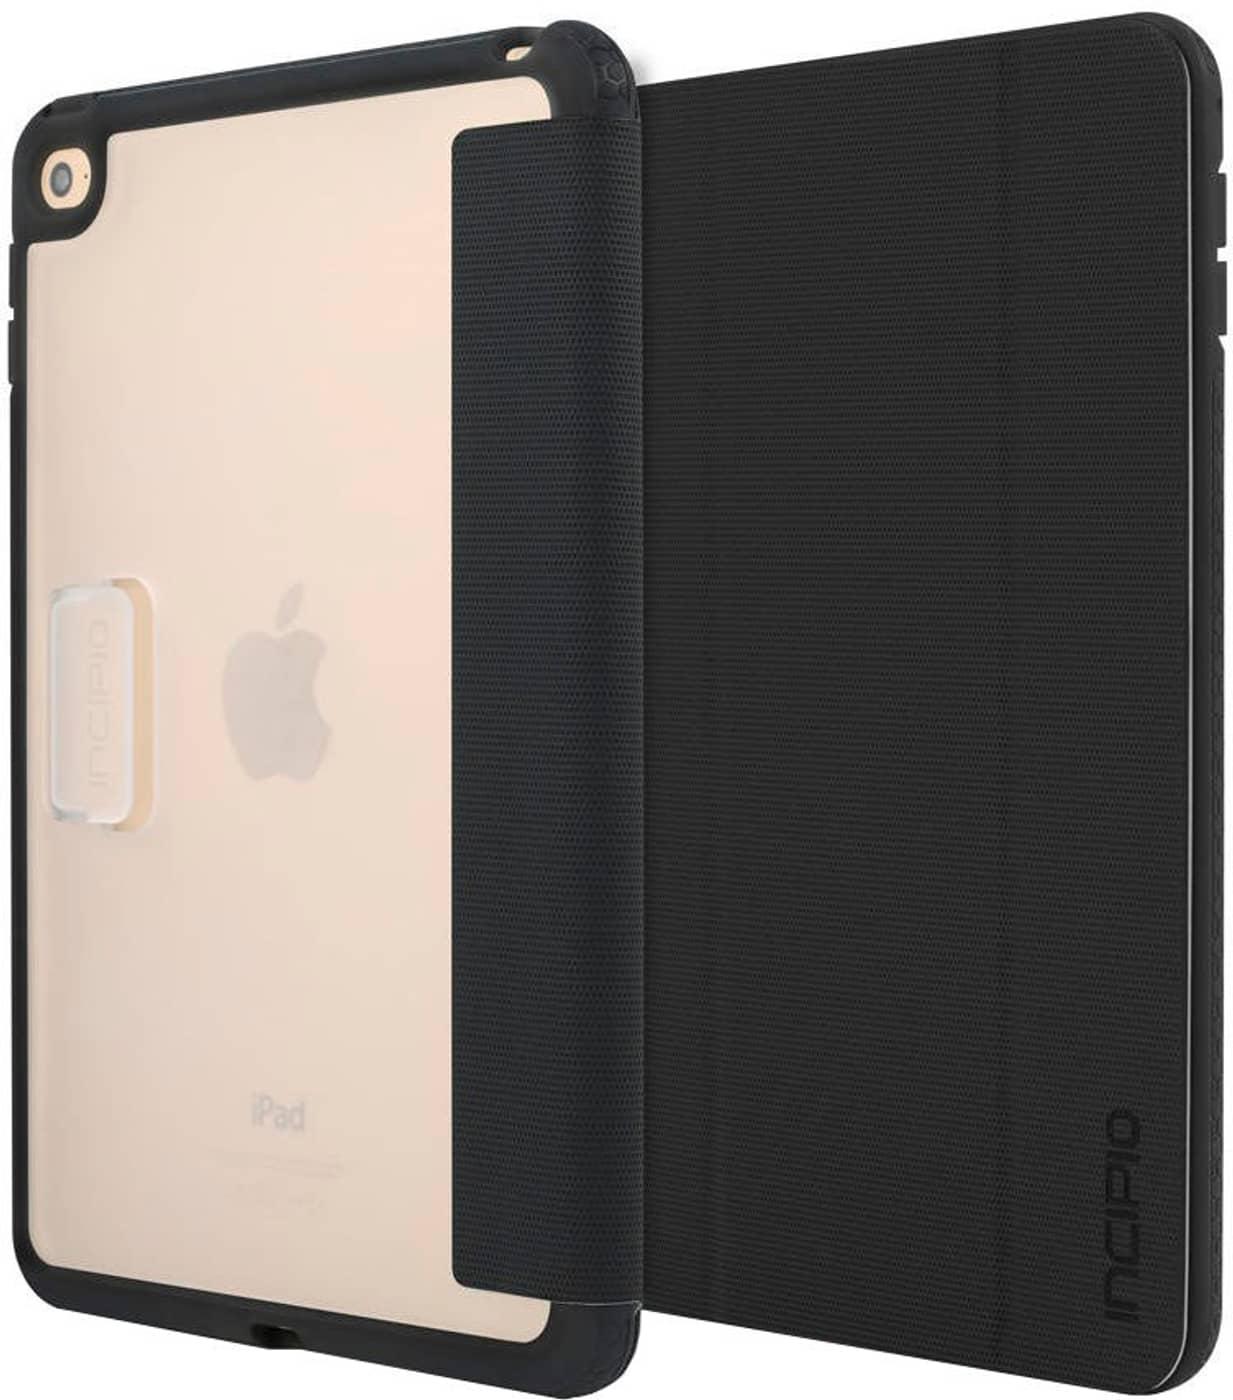 Protector Folio Tablet cierre magnetico iPad mini 4 Color gris oxford